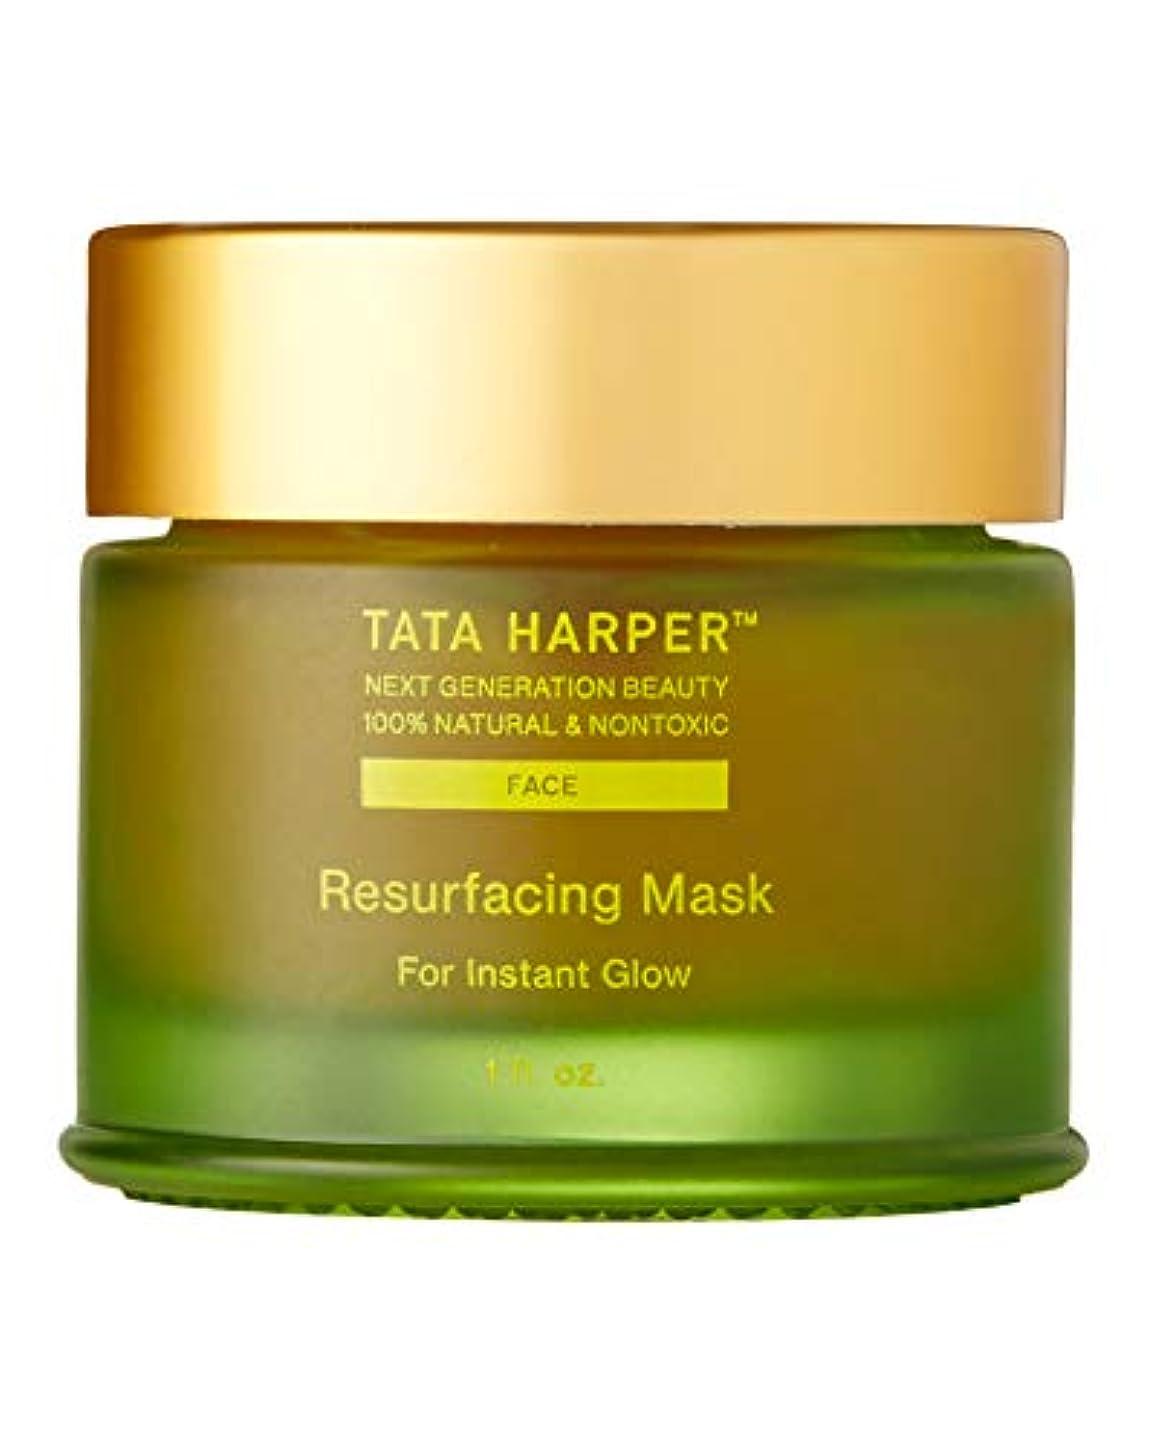 サーフィン忘れる溶融Tata Harper Resurfacing Mask 30ml タタハーパー リサーフェシング マスク